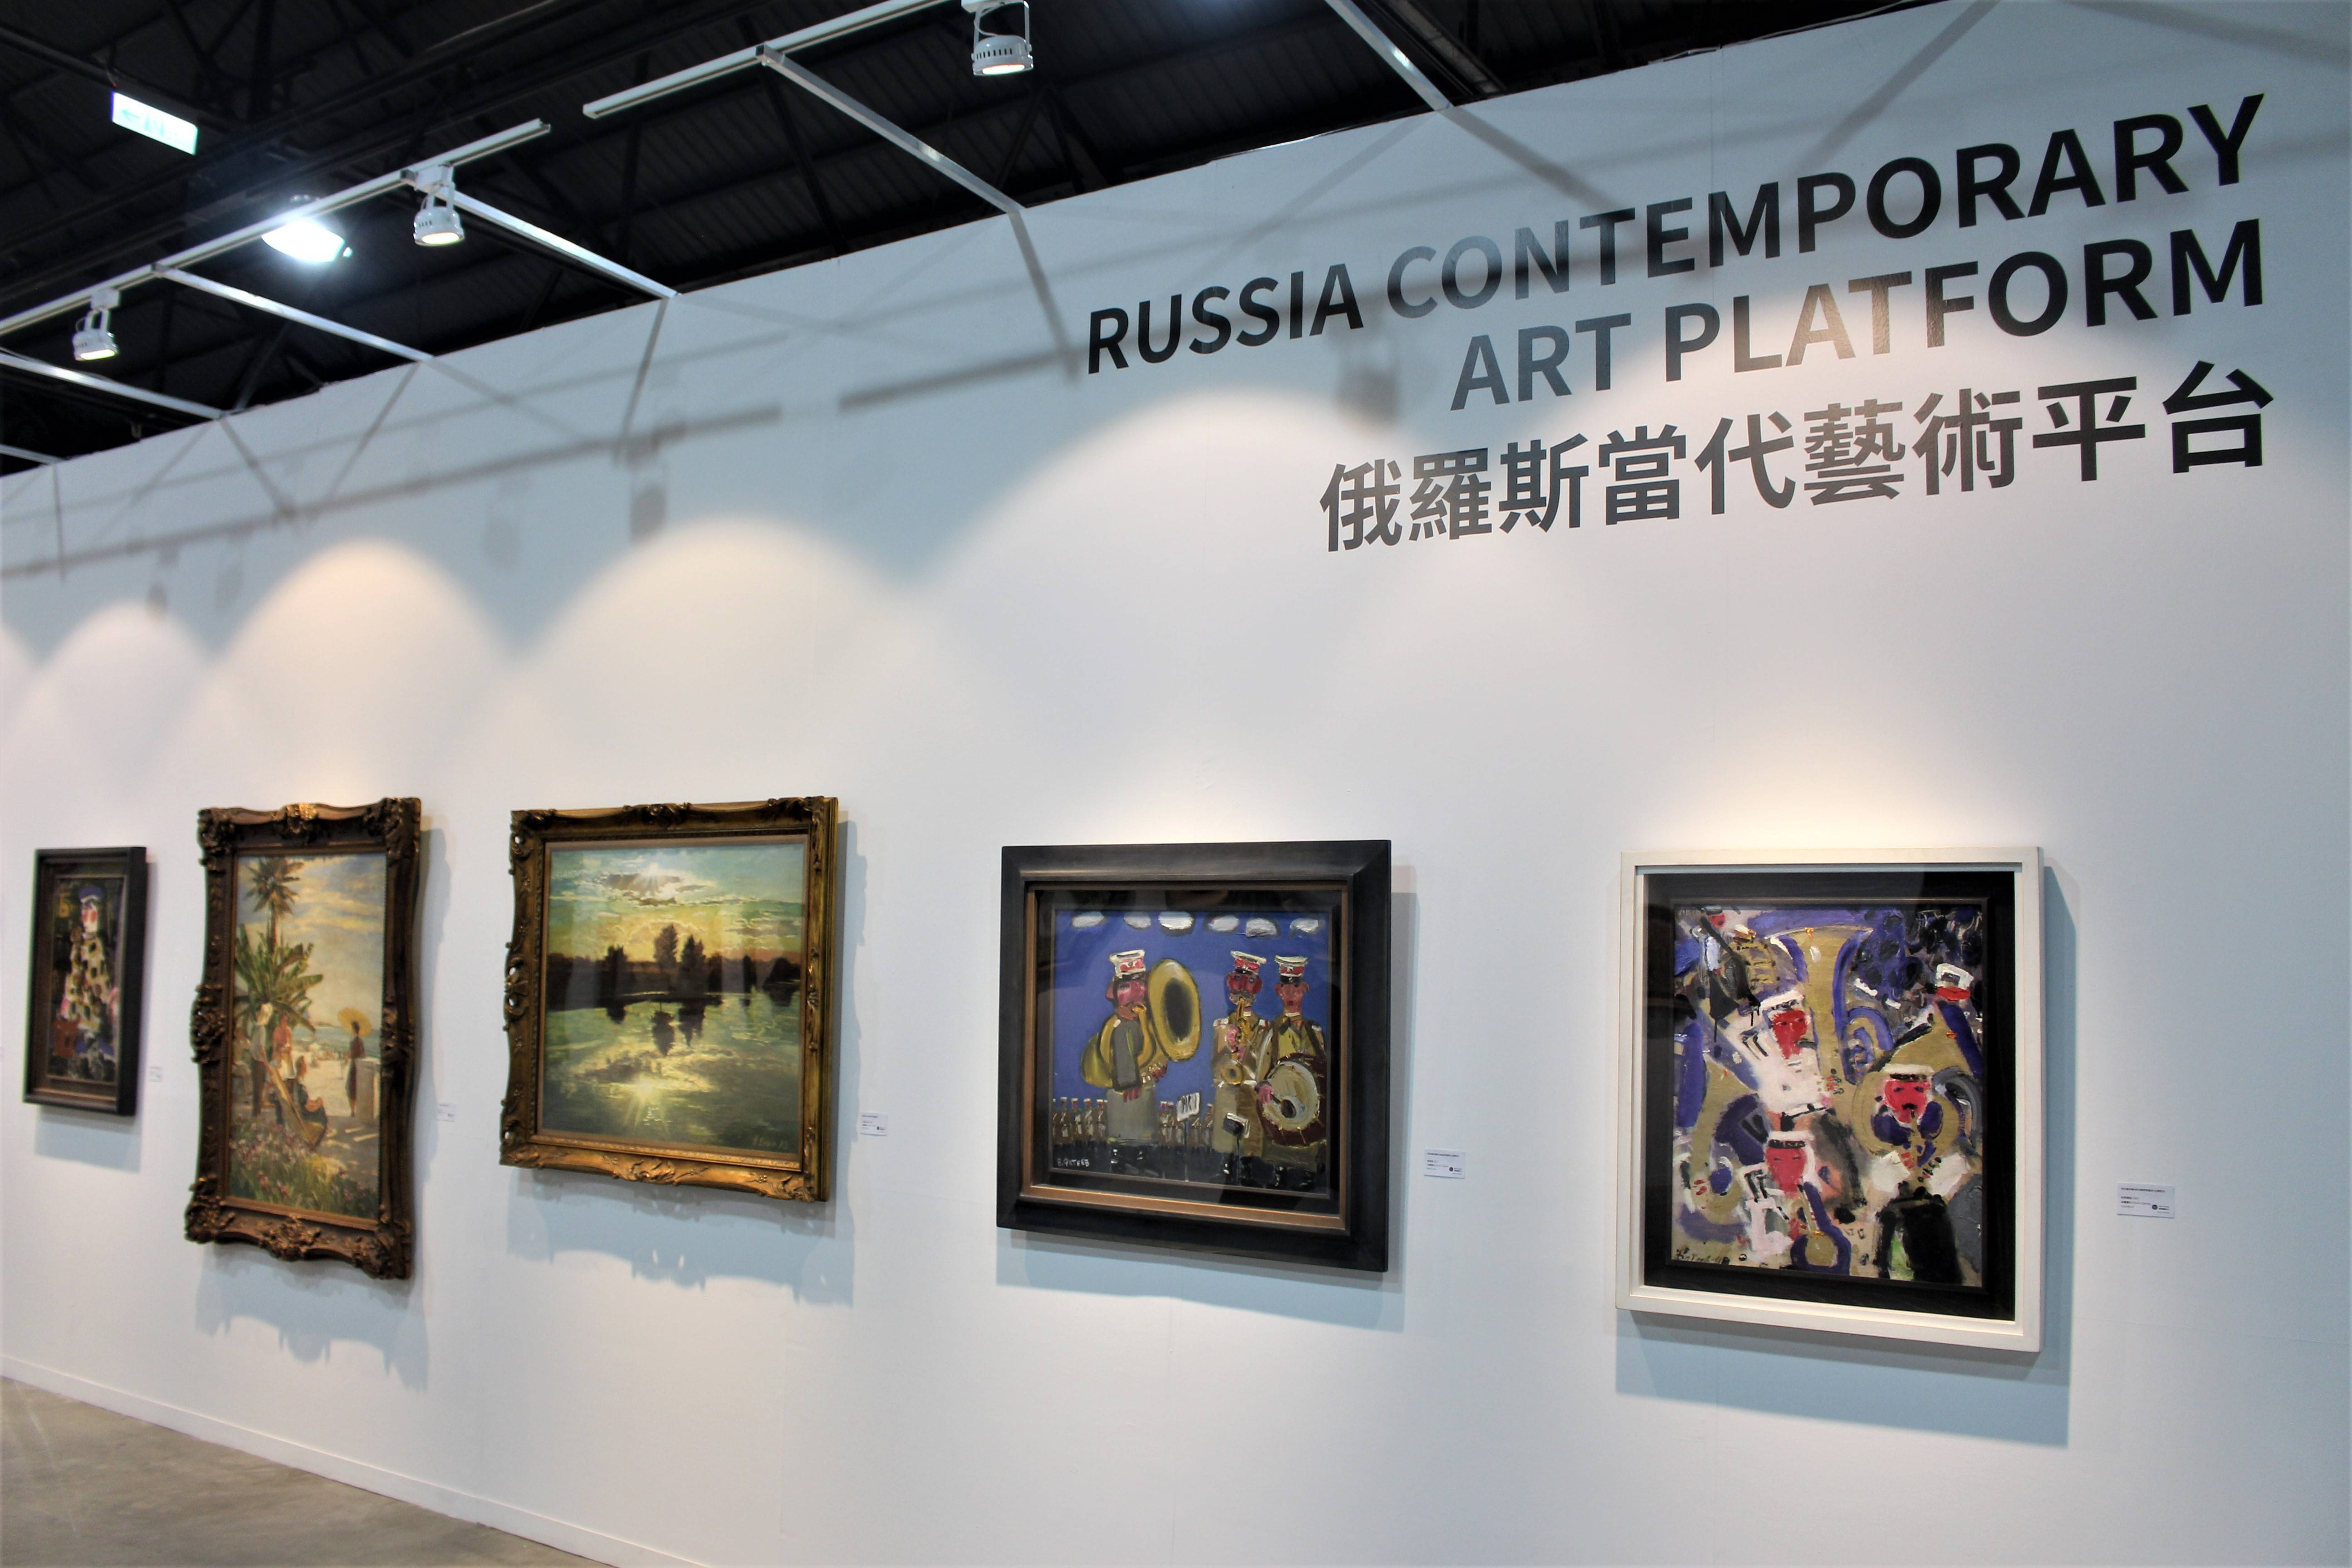 P2,俄羅斯當代藝術平台